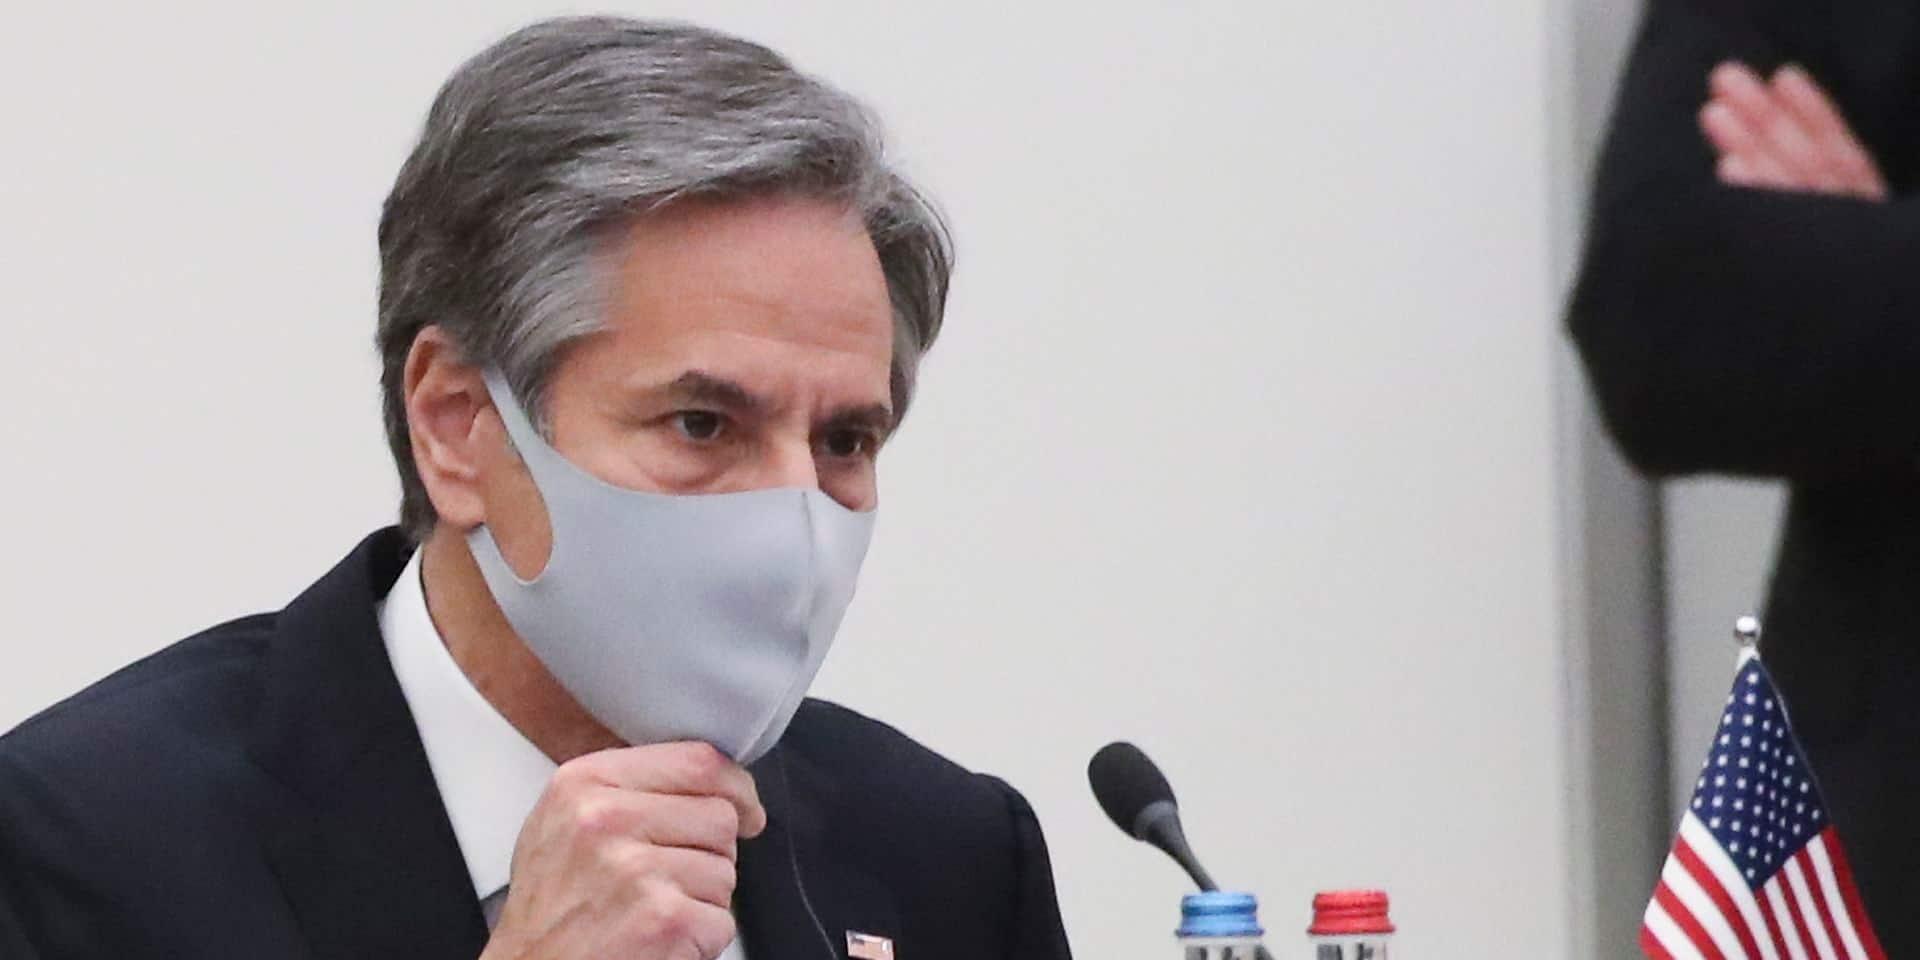 Le secrétaire d'État américain est à Bruxelles : les Etats-Unis appellent à élargir le rôle de l'Otan